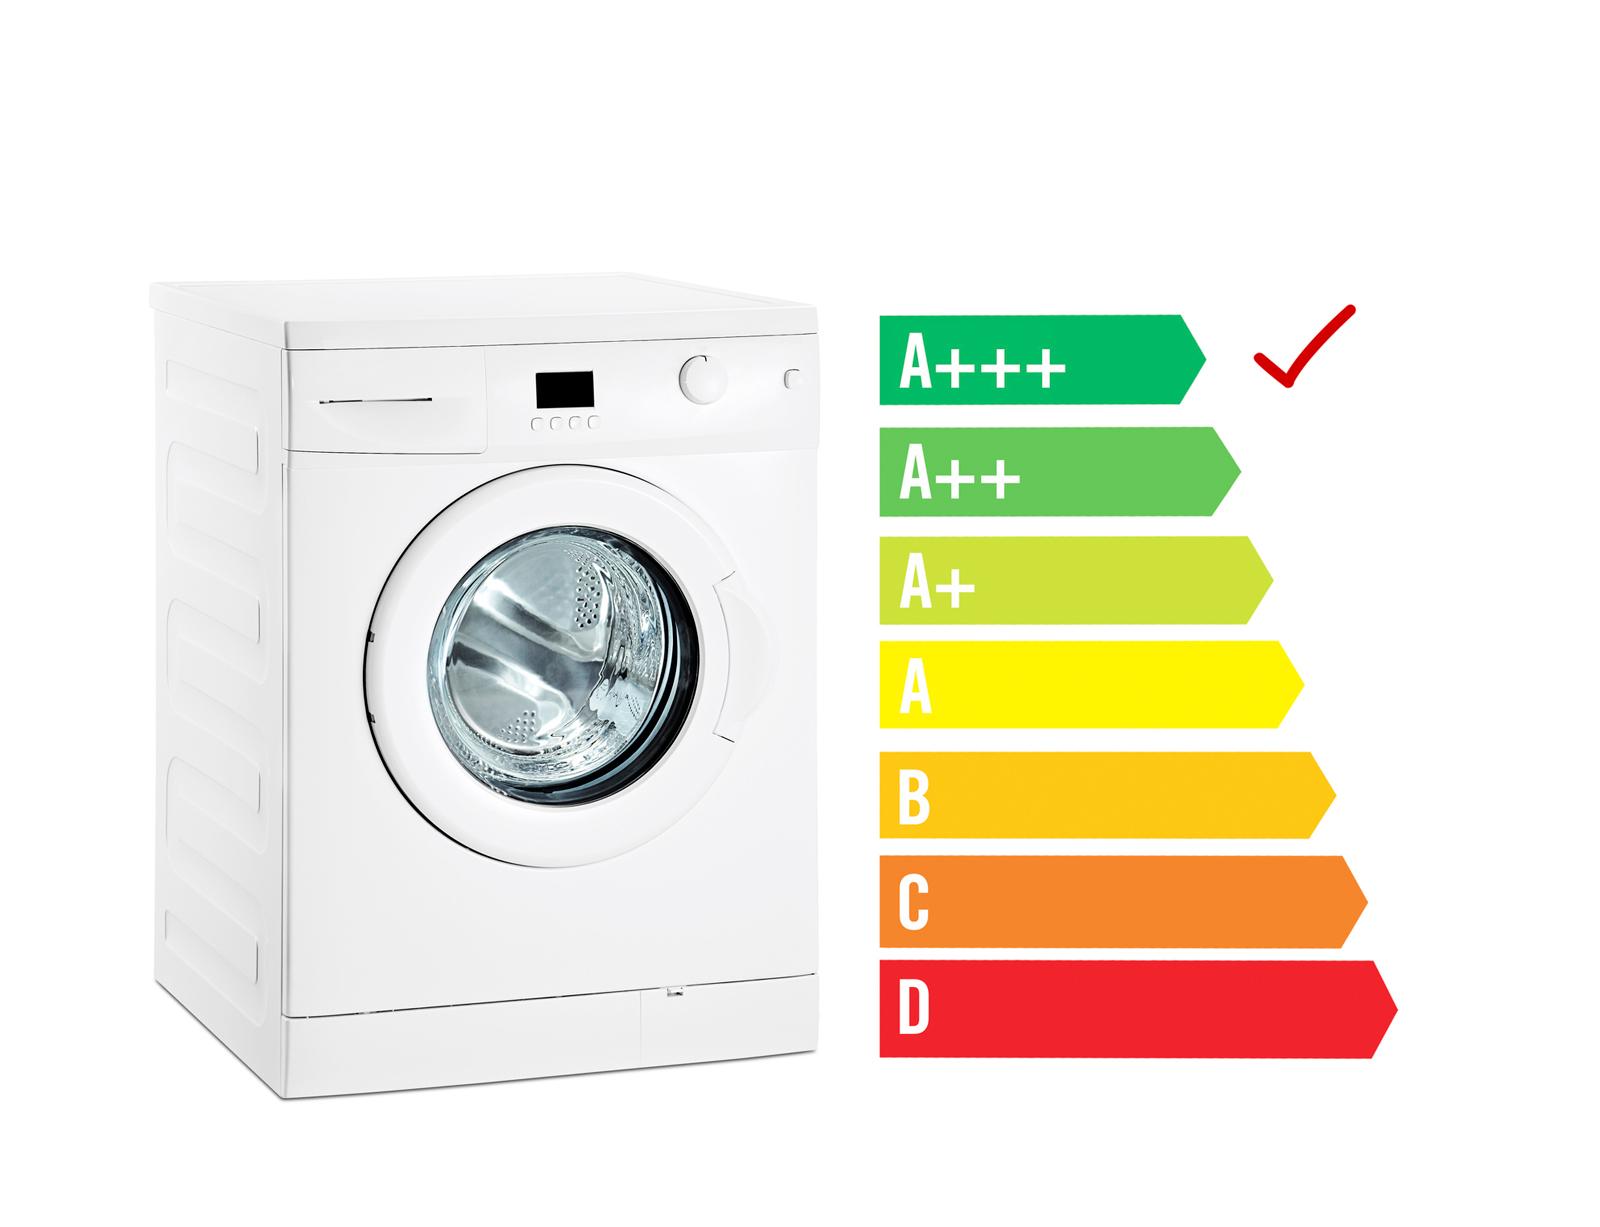 Die Energieeffizienzklasse wir EU-weit für jede Produktgruppe bestimmt.